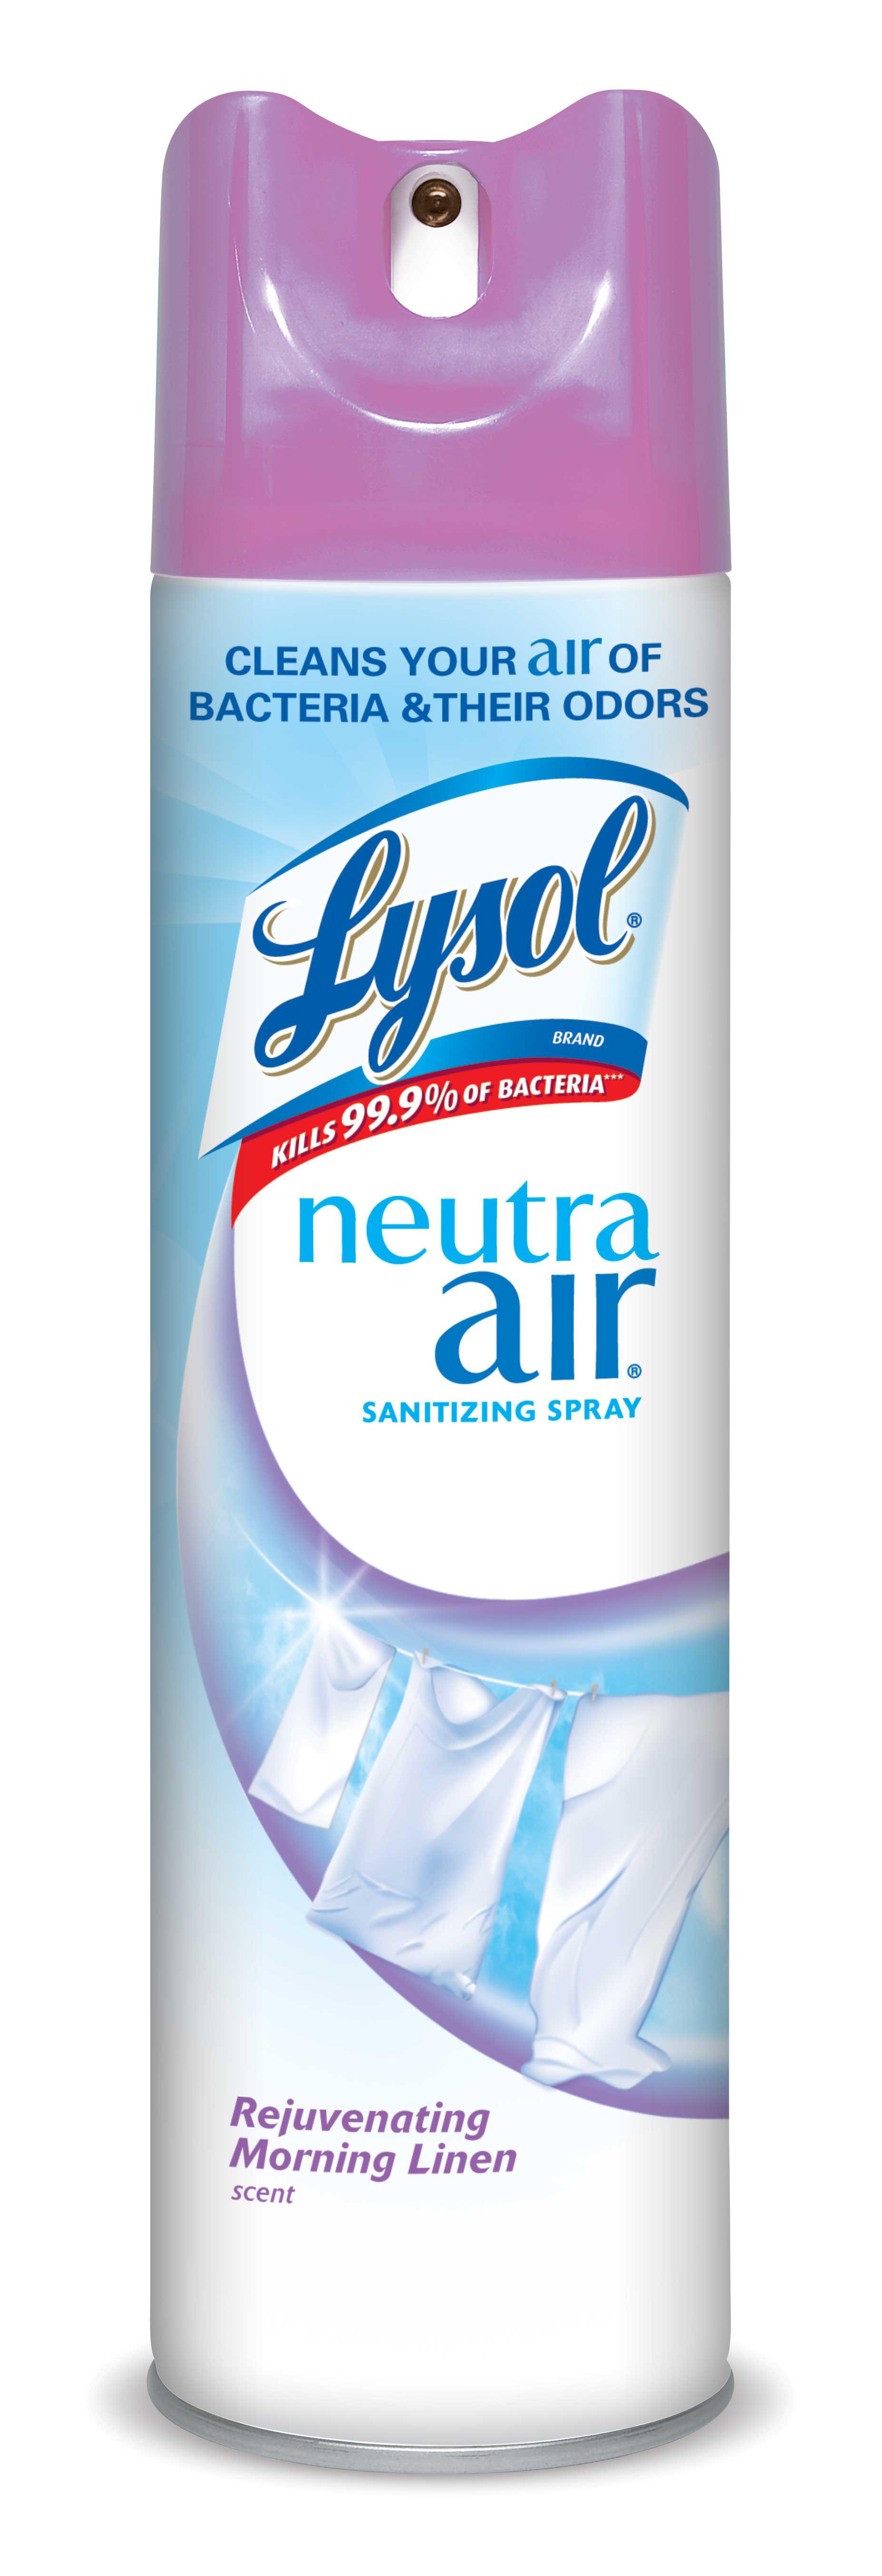 LYSOL® NEUTRA AIR® - Sanitizing Spray Morning Linen